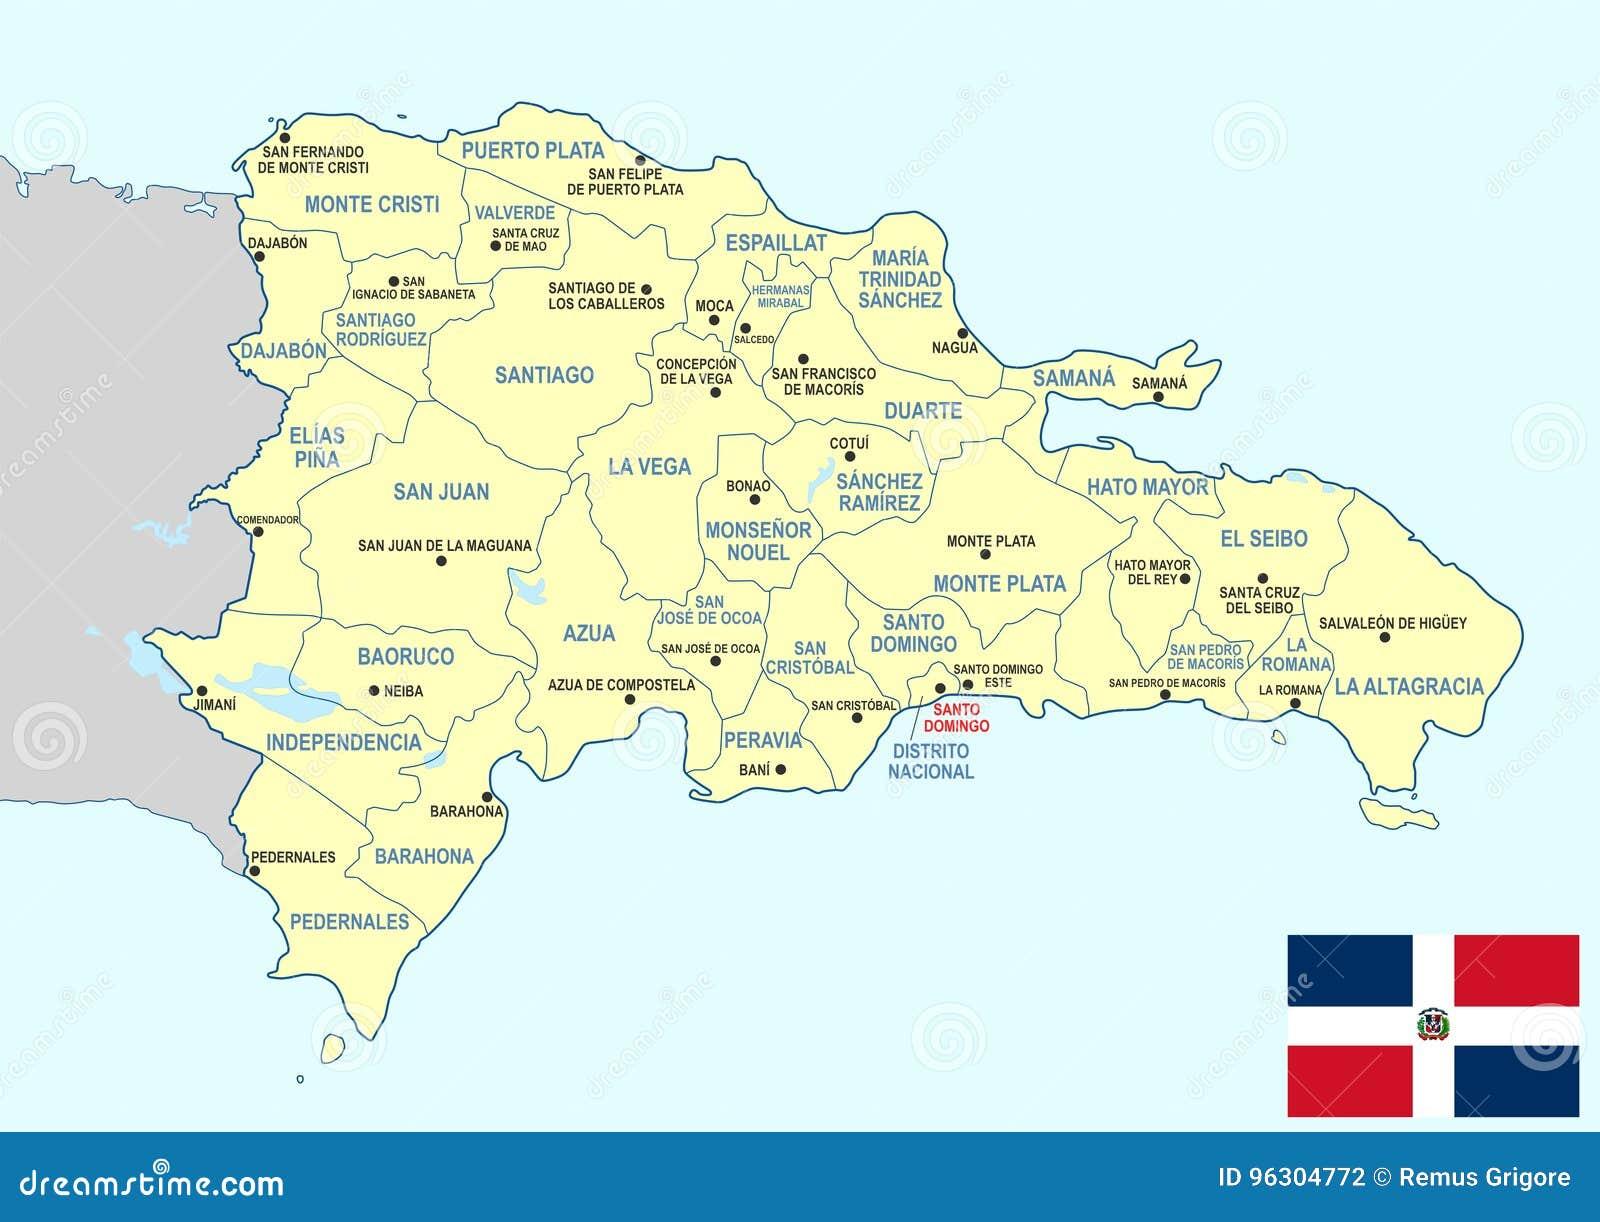 Correspondencia de la República Dominicana